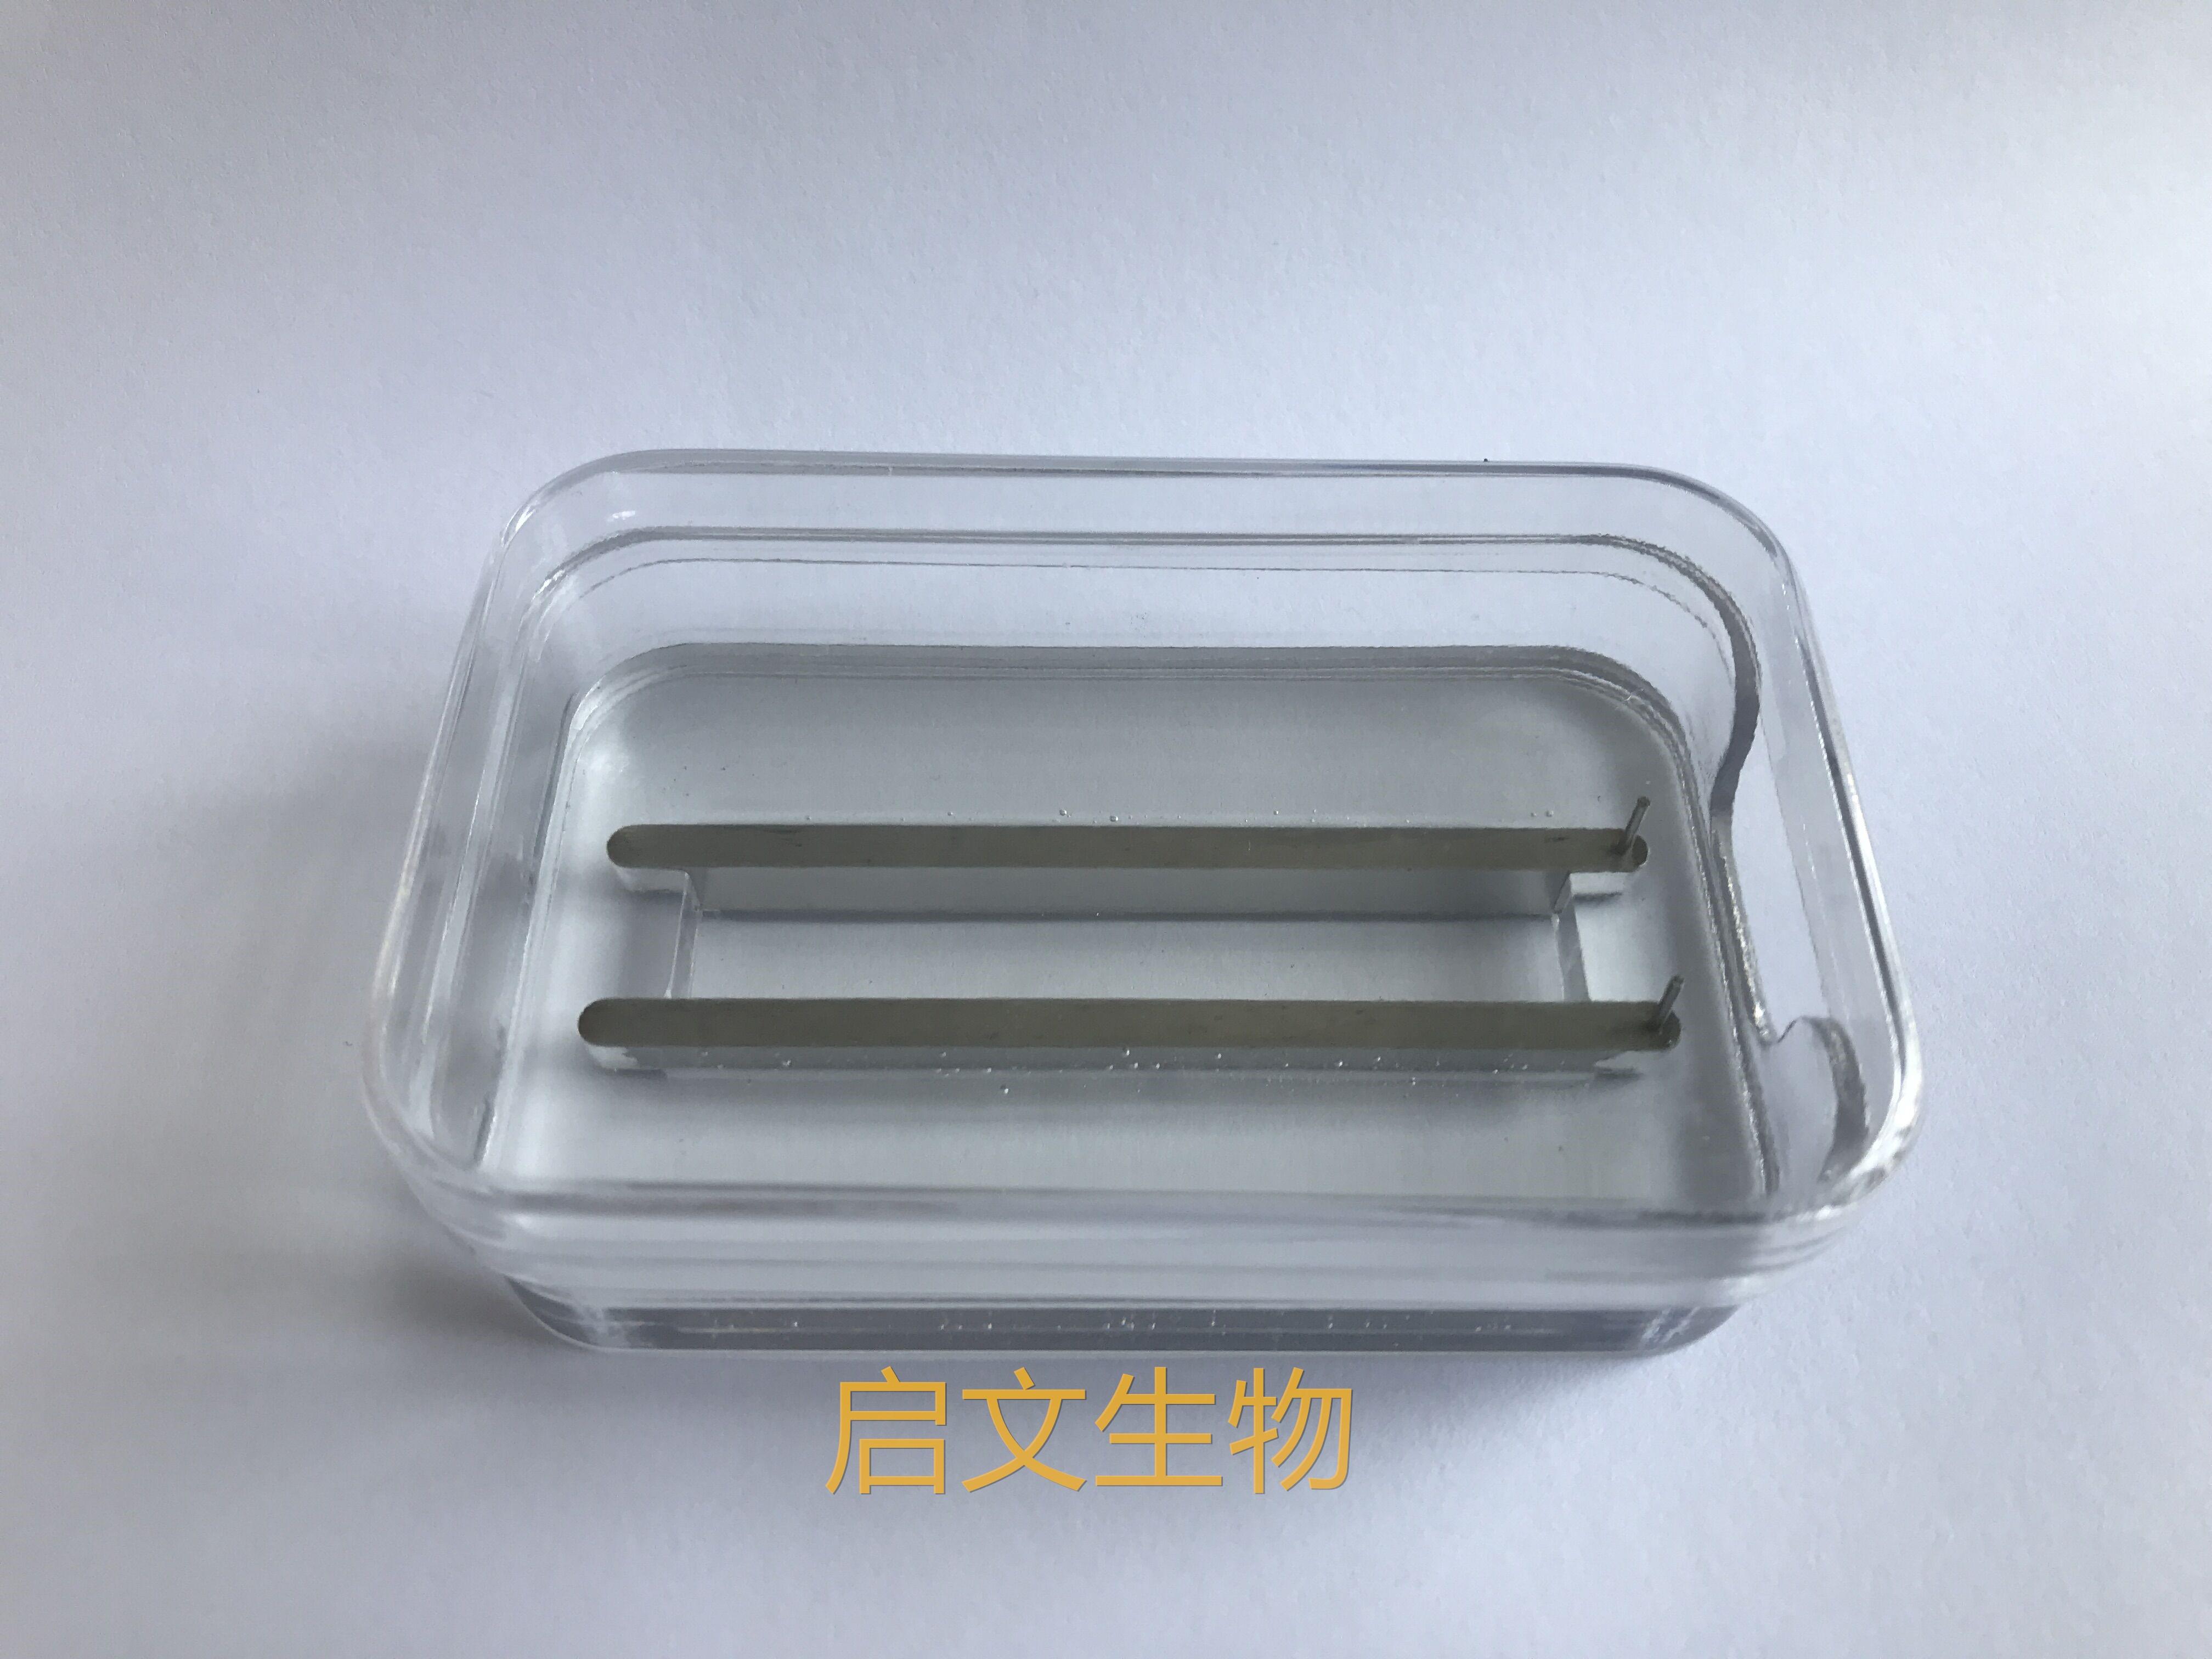 匣状细胞融合电极